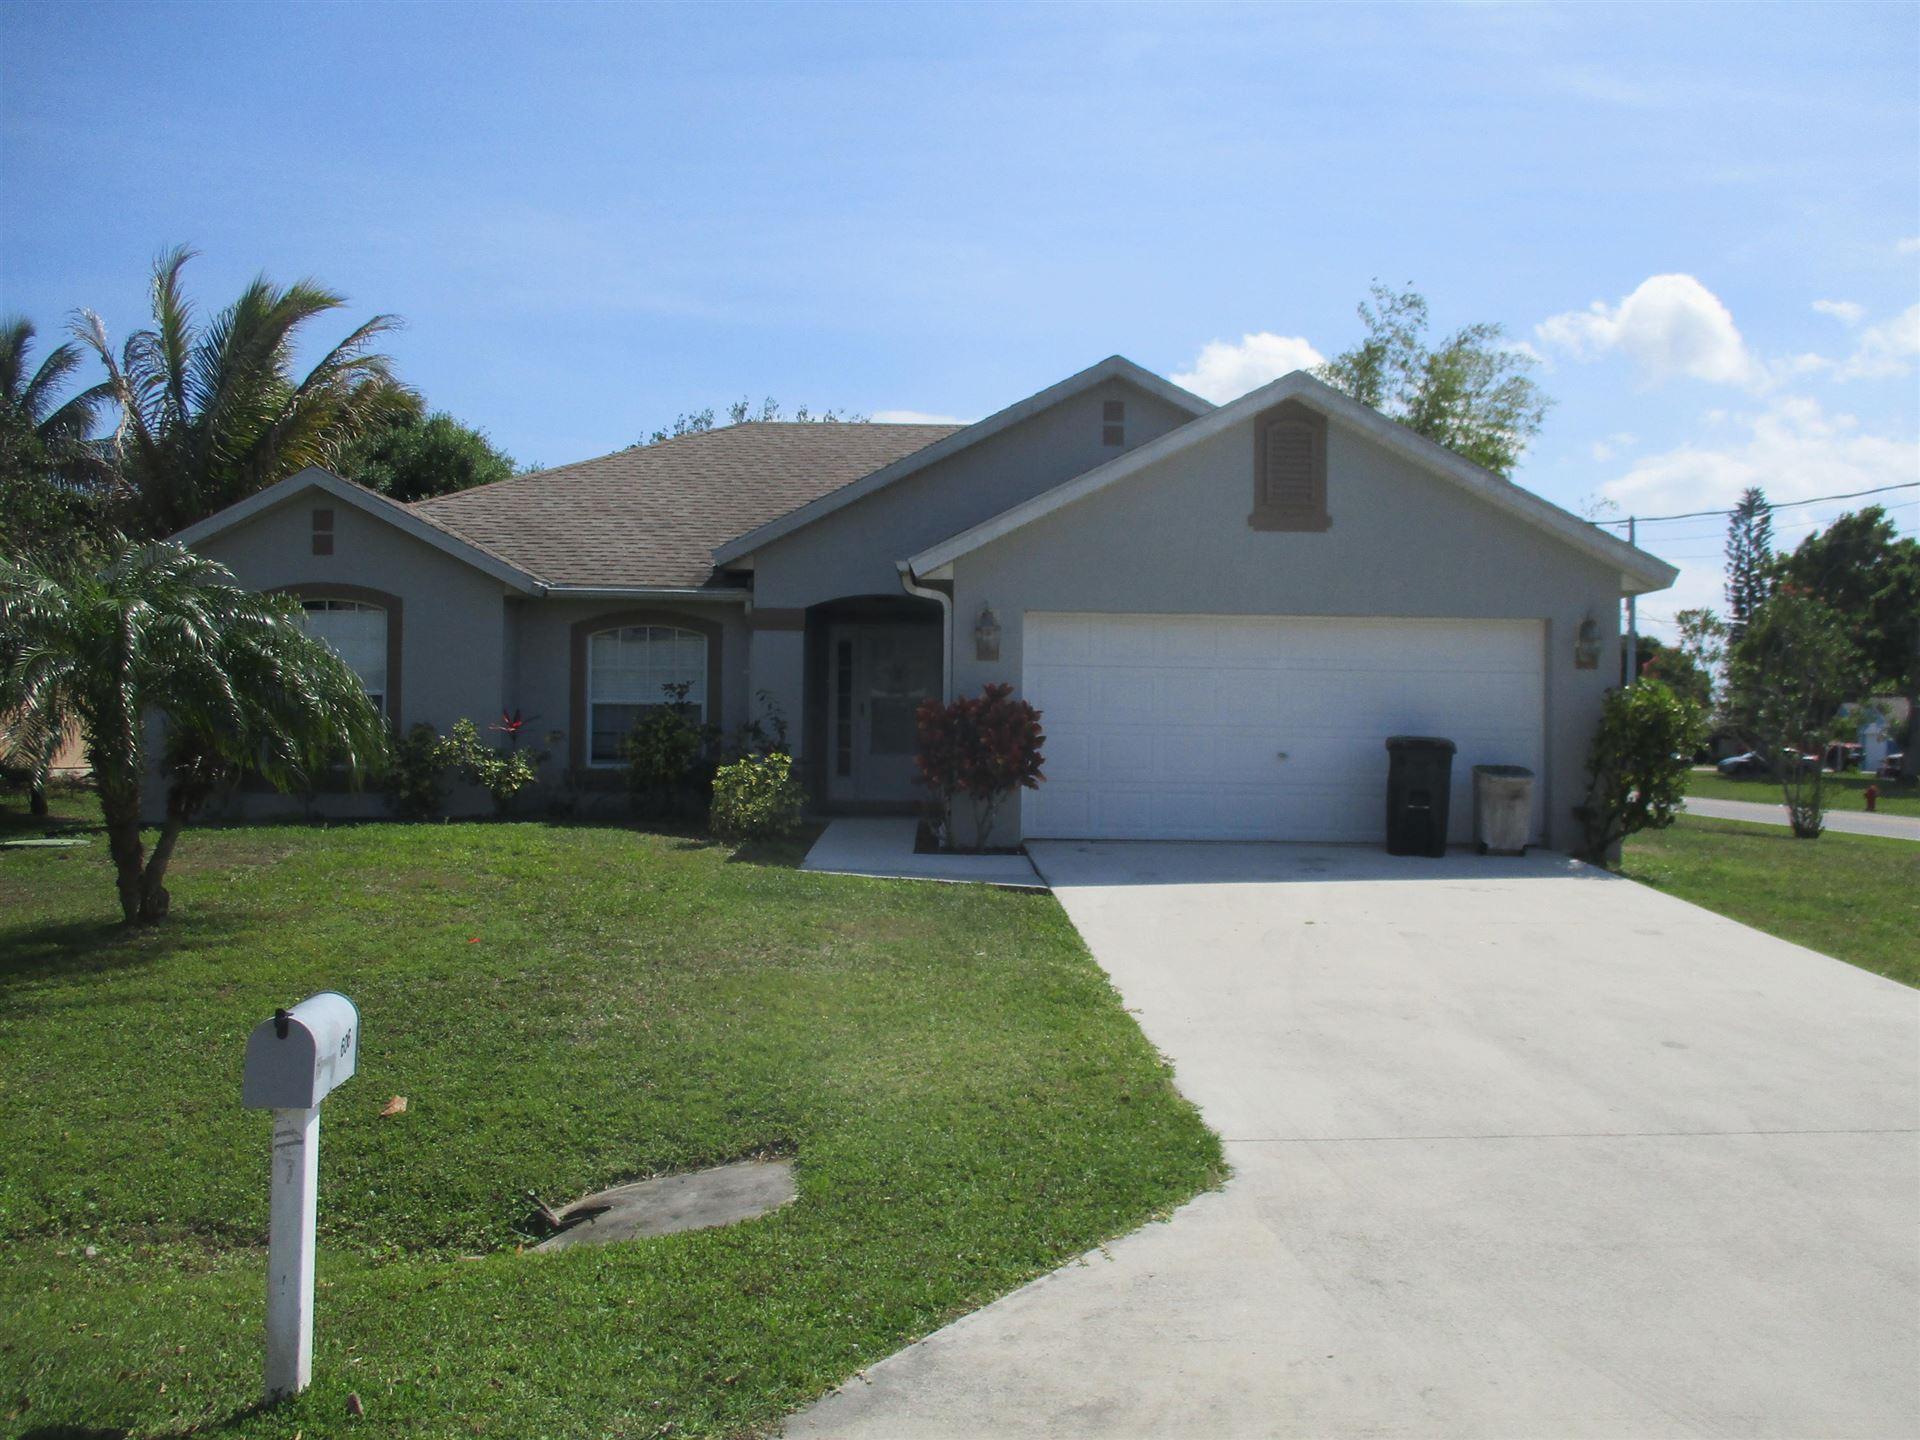 606 Ash Street, Port Saint Lucie, FL 34952 - MLS#: RX-10699764